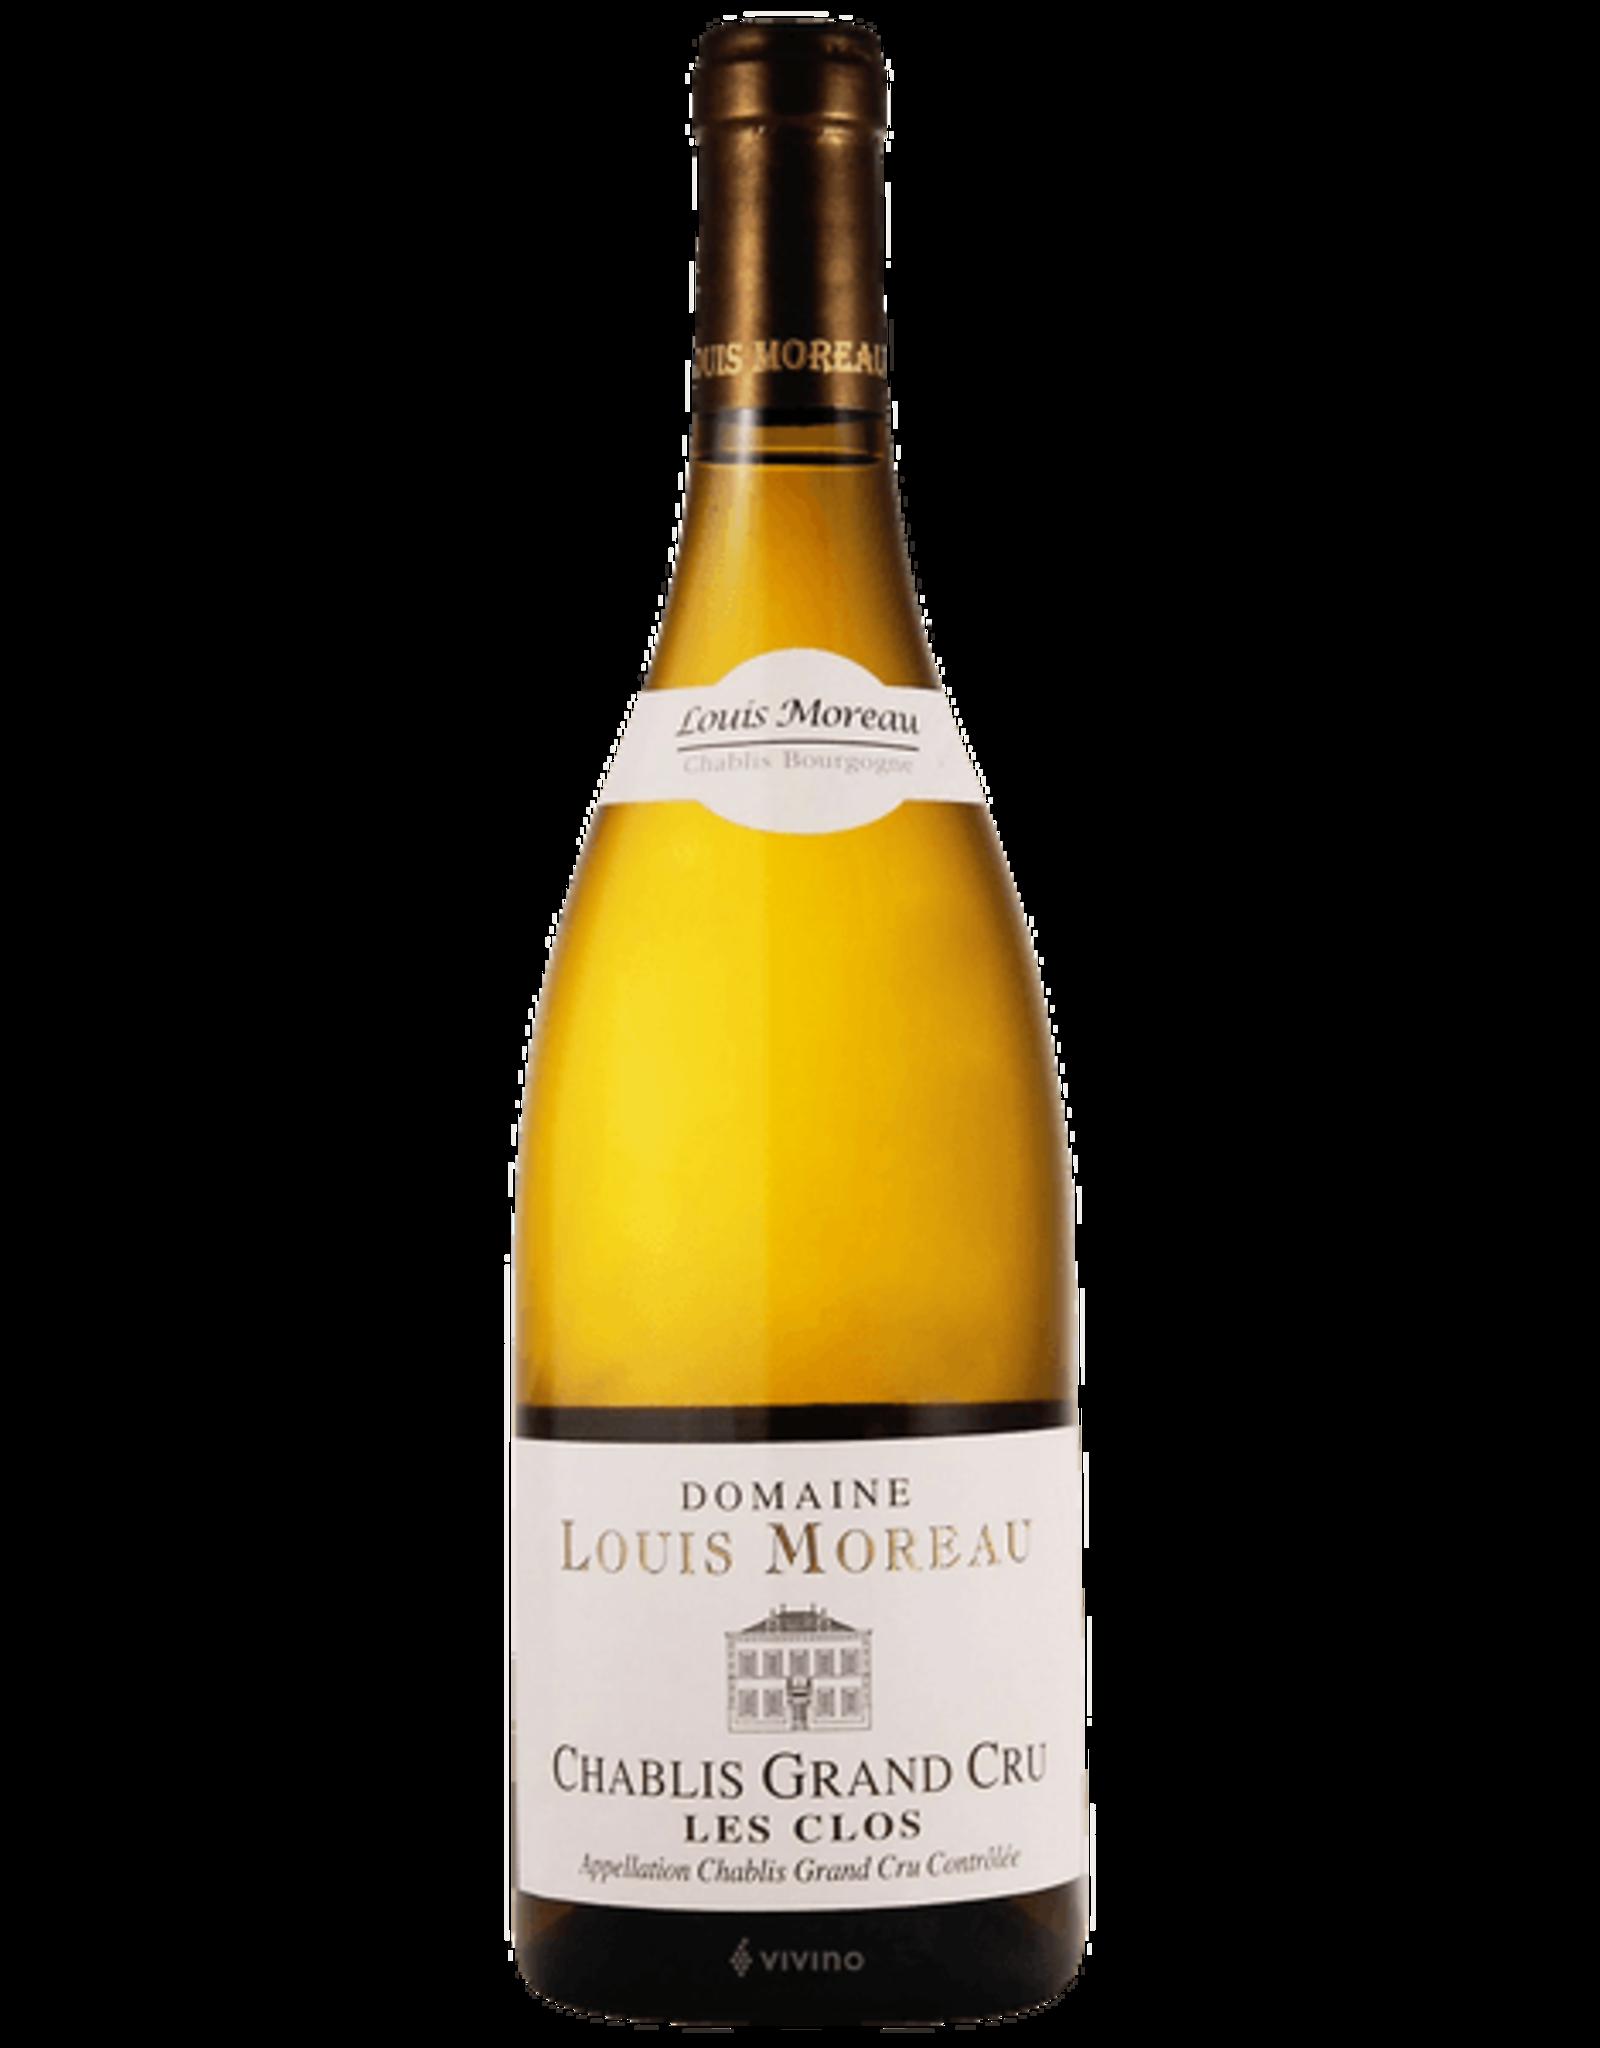 Domaine Louis Moreau Les Clos Grand Cru Chablis 2017